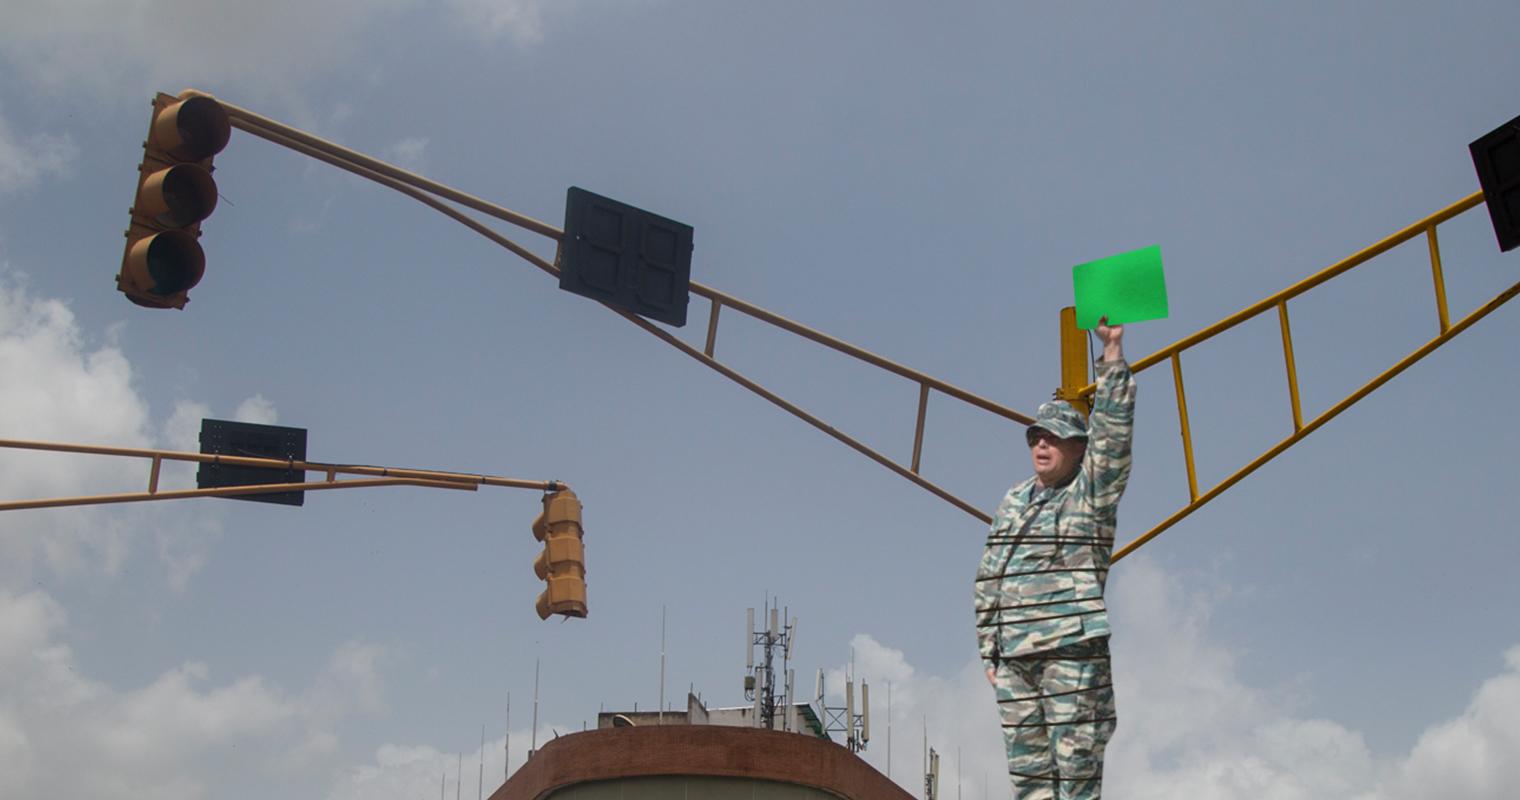 Gobierno reemplaza semáforo dañado con miliciano amarrado a un poste